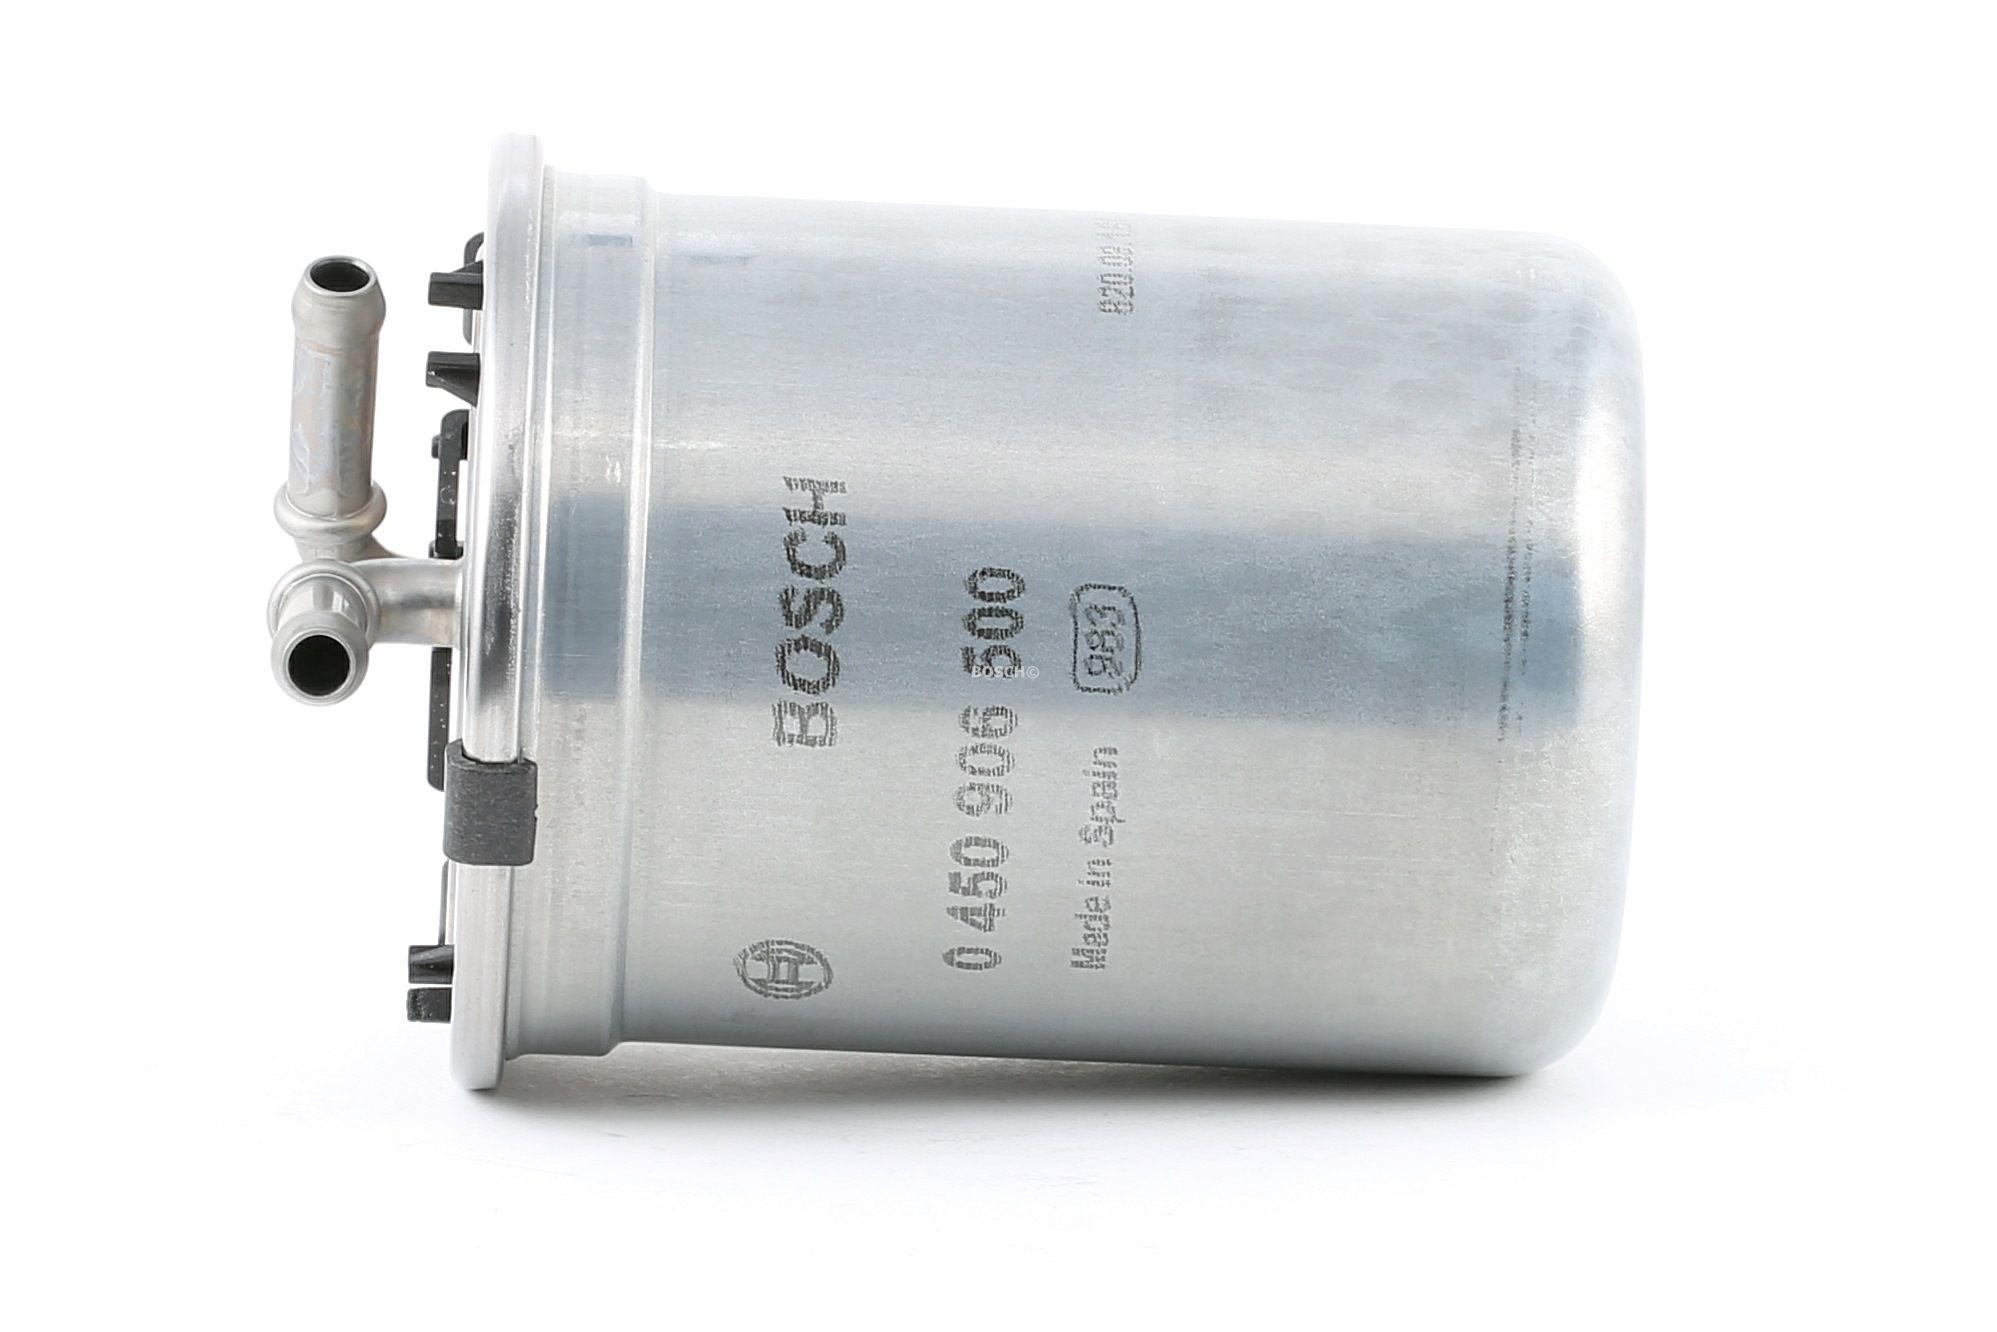 Palivový filtr 0 450 906 500 s vynikajícím poměrem mezi cenou a BOSCH kvalitou